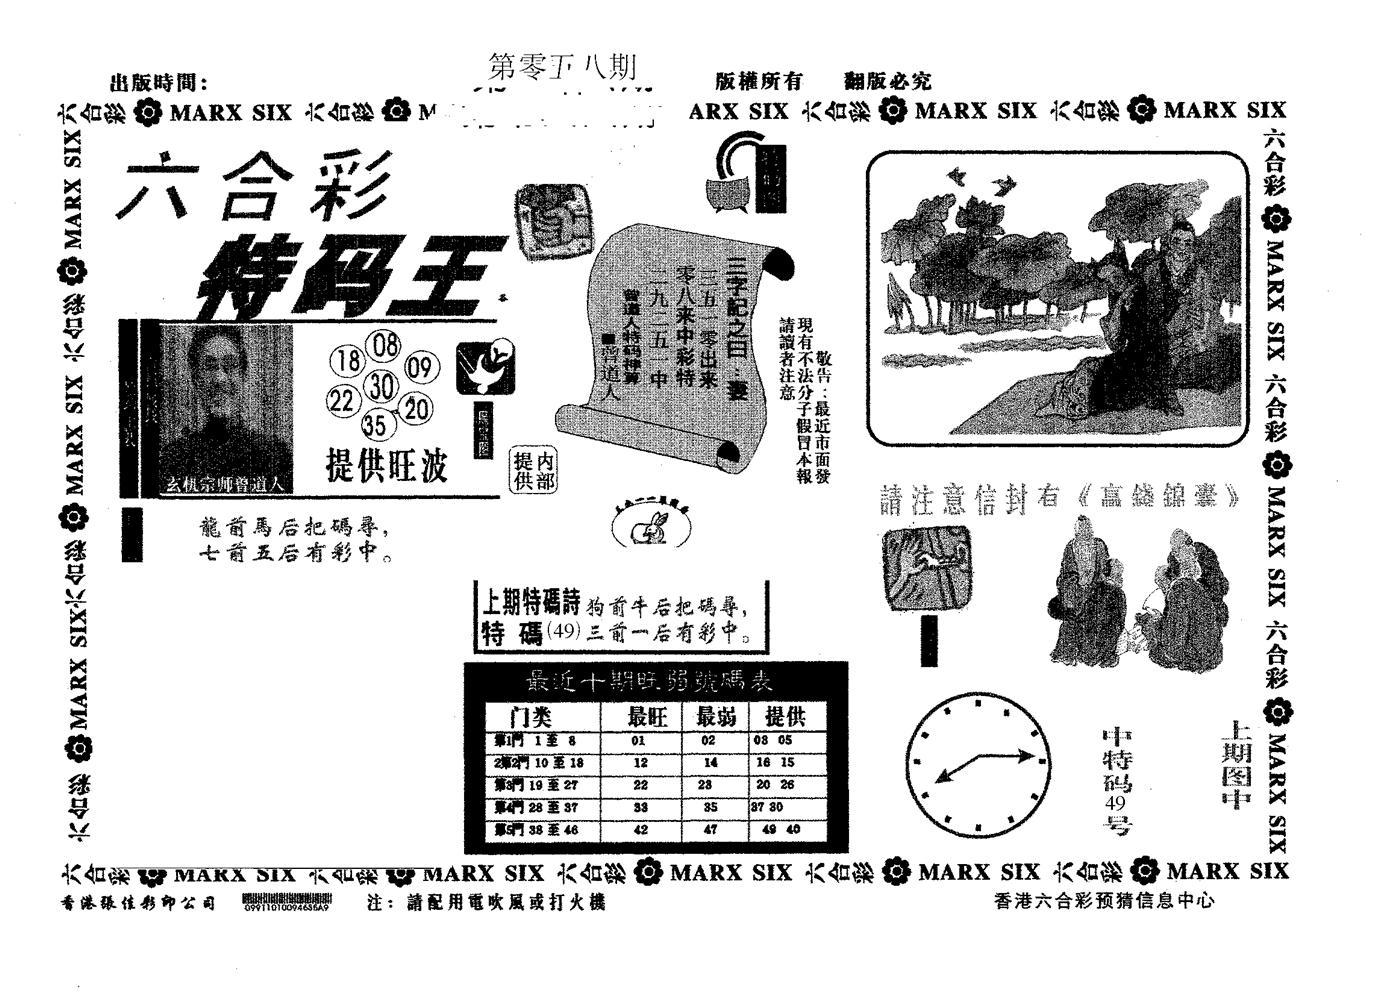 058期特码王B(黑白)